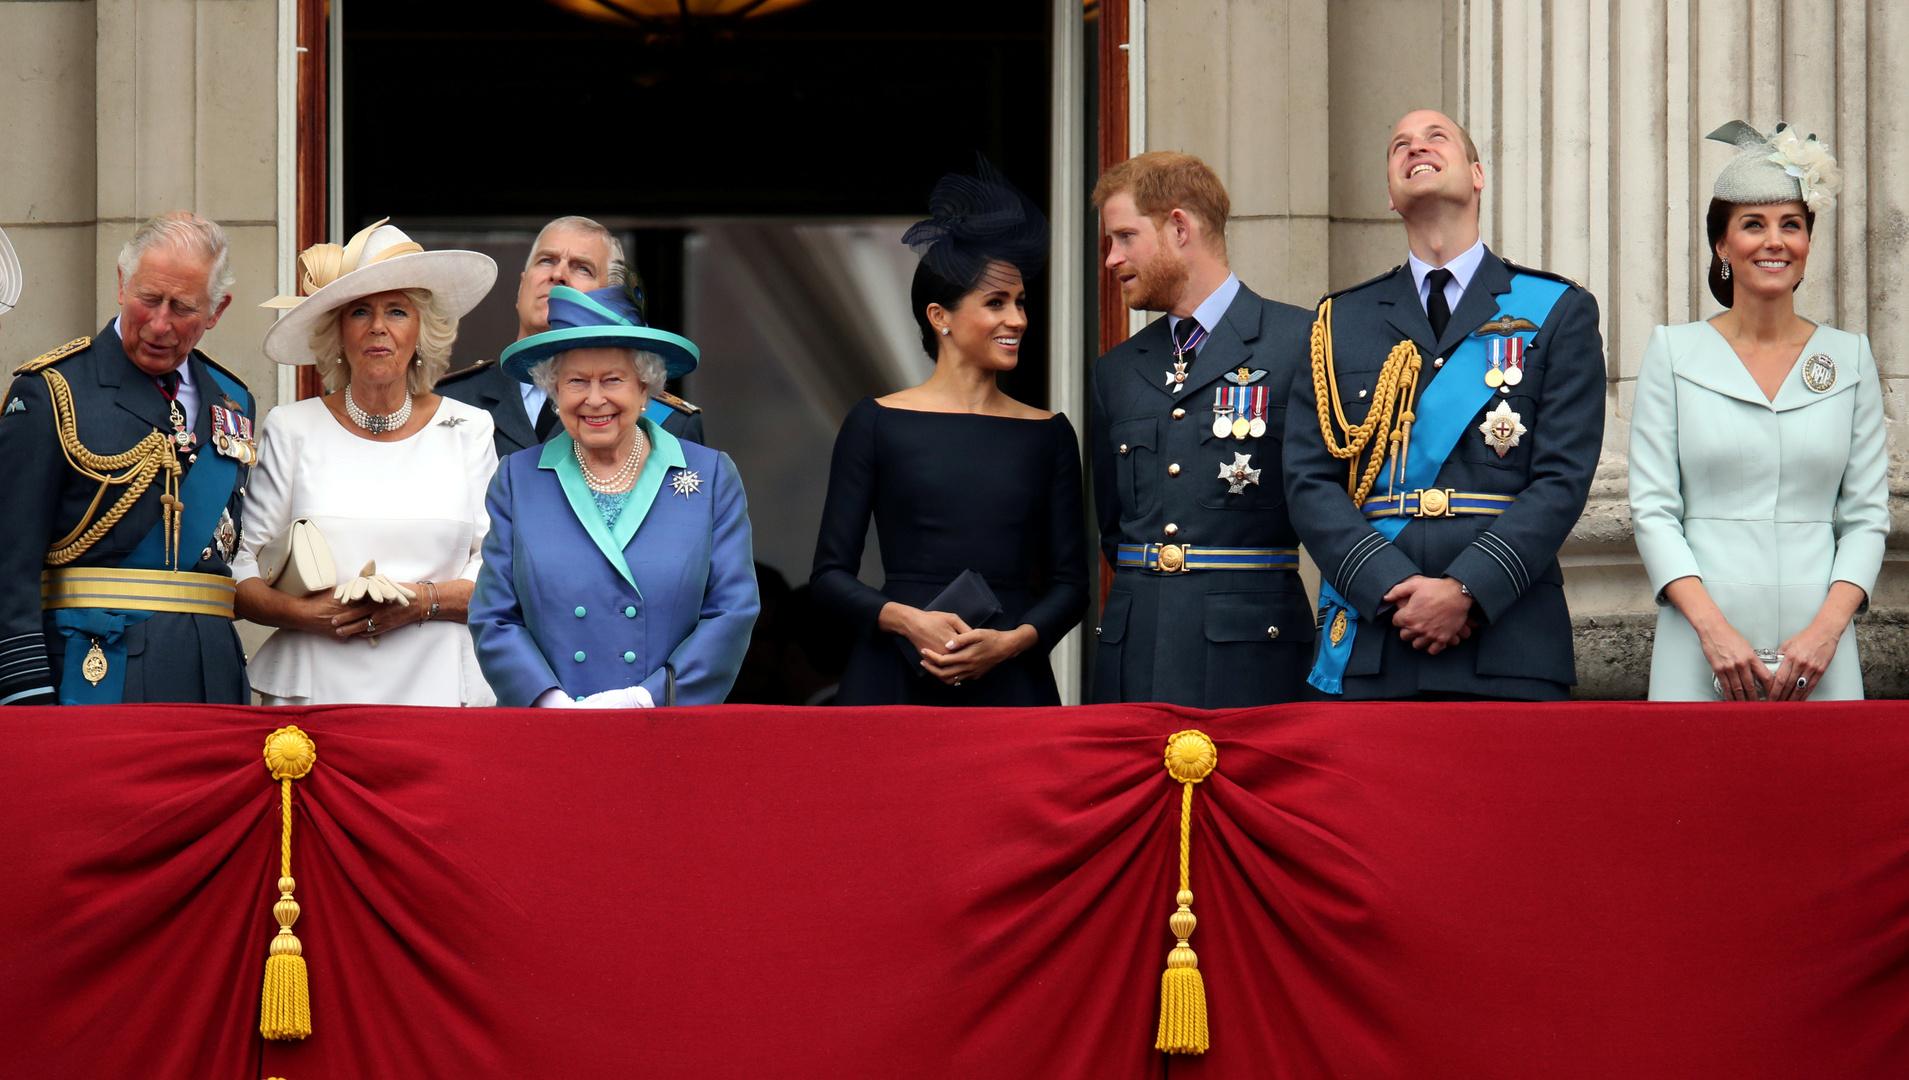 العائلة البريطانية المالكة